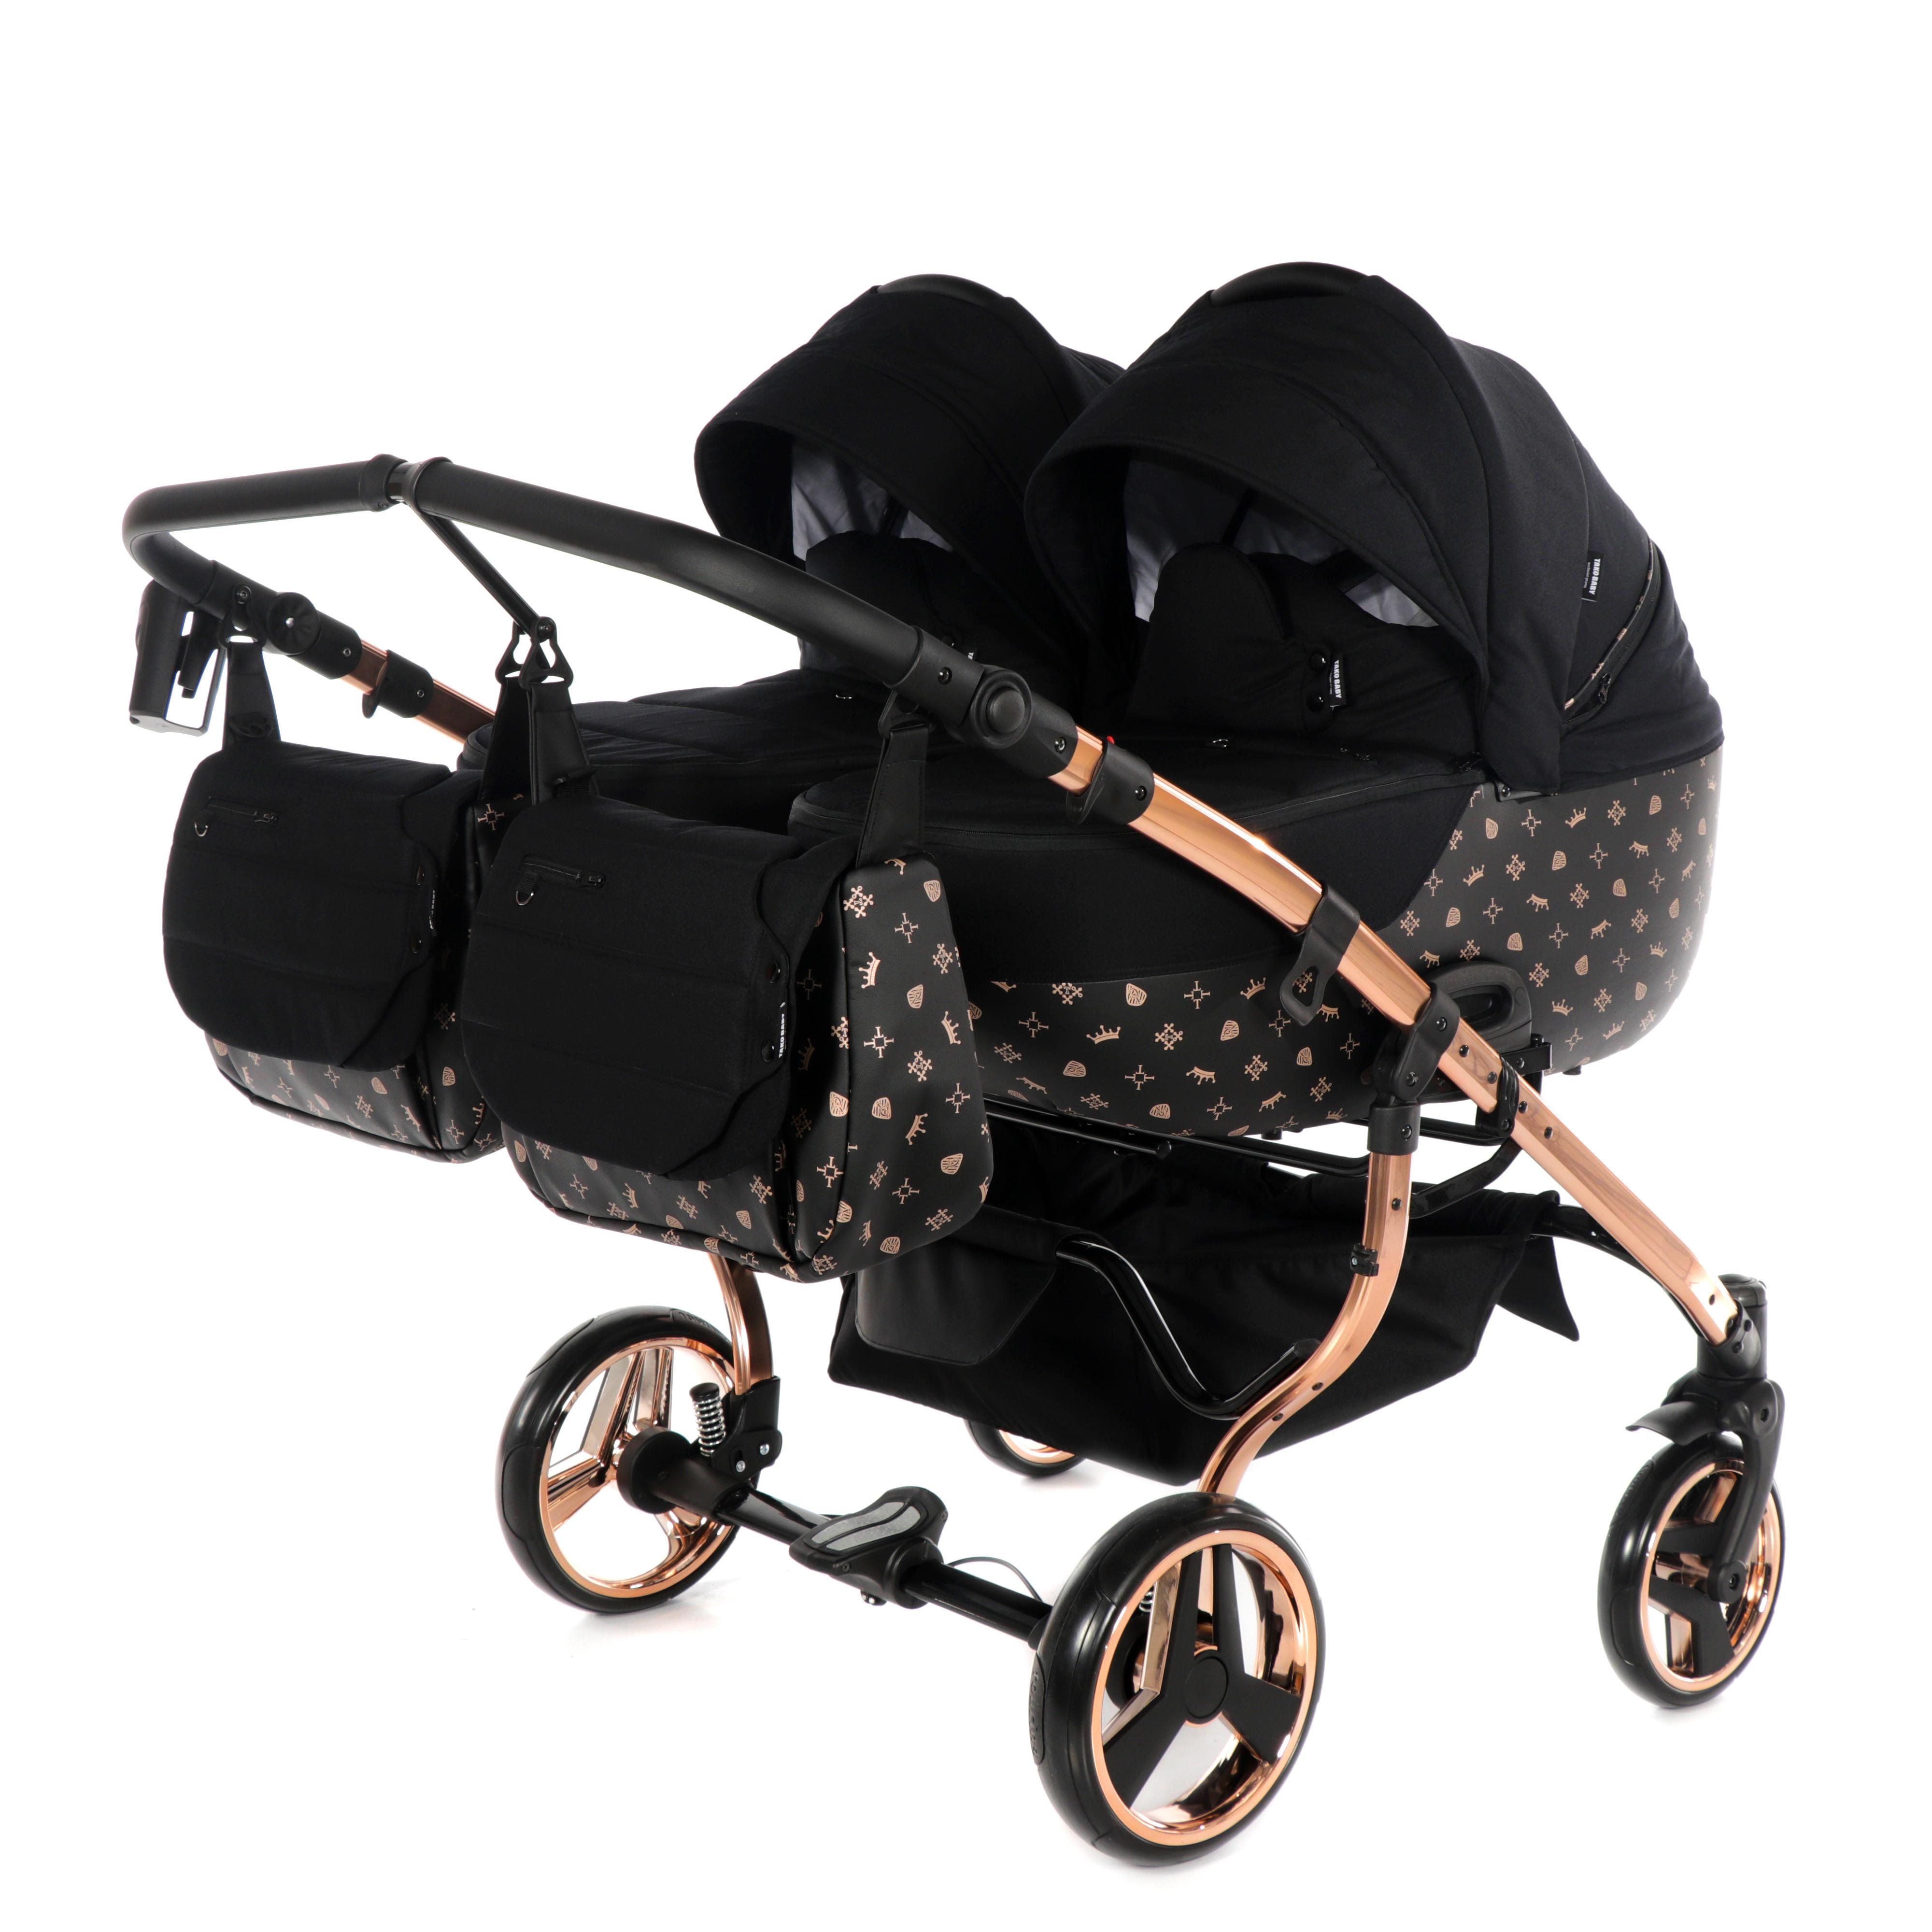 wózek bliźniaczy Imperial Laret Duo Tako wielofunkcyjny dzieciecy Dadi Shop